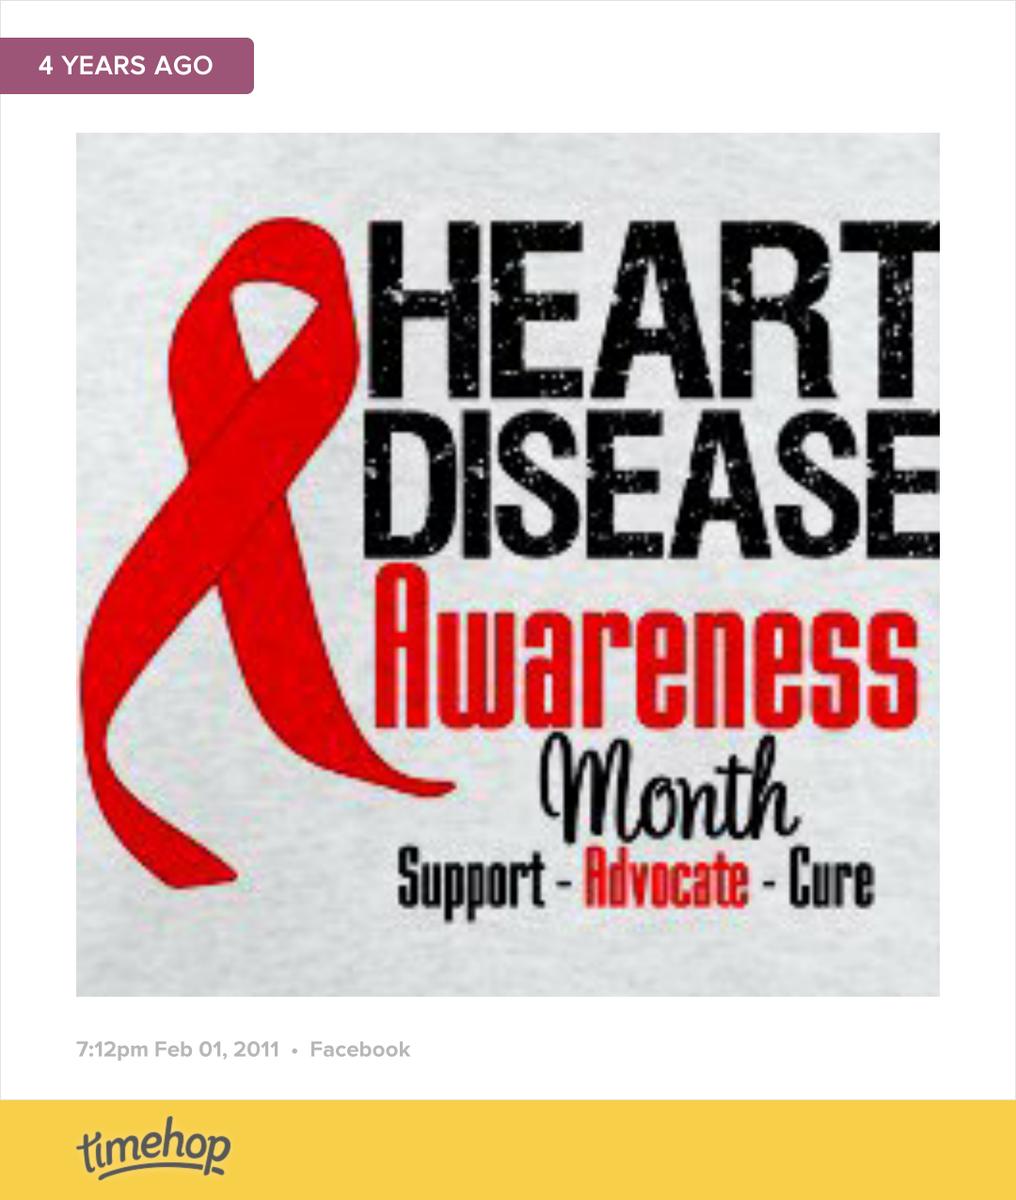 February is #HeartDiseaseAwareness Month http://t.co/K28LtMkNyh http://t.co/dFCC4vgk7w